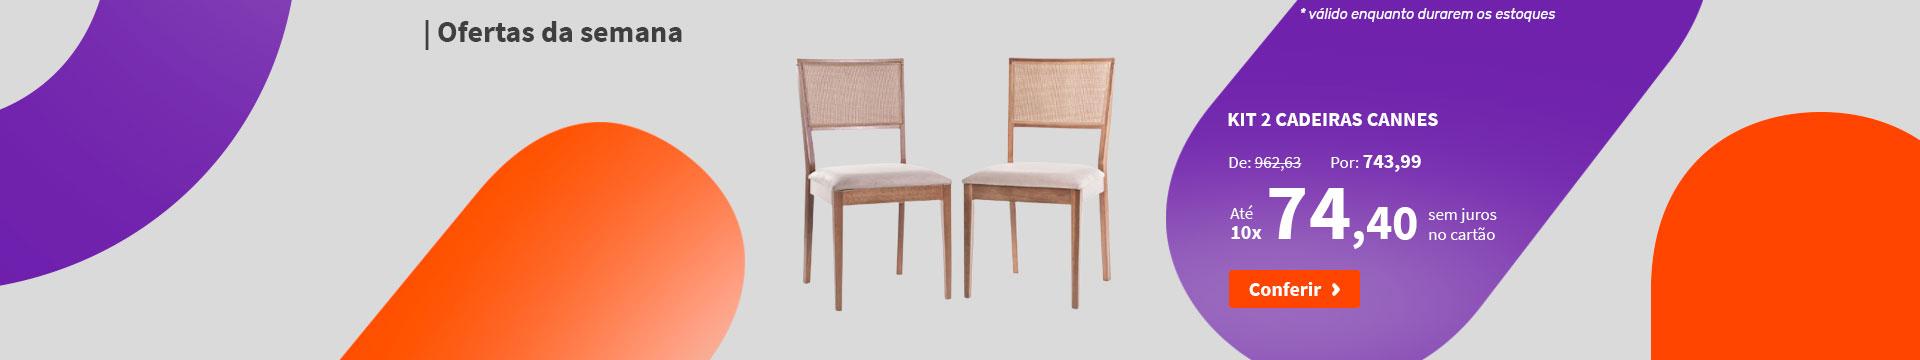 Kit 2 Cadeiras Cannes - Ofertas da semana